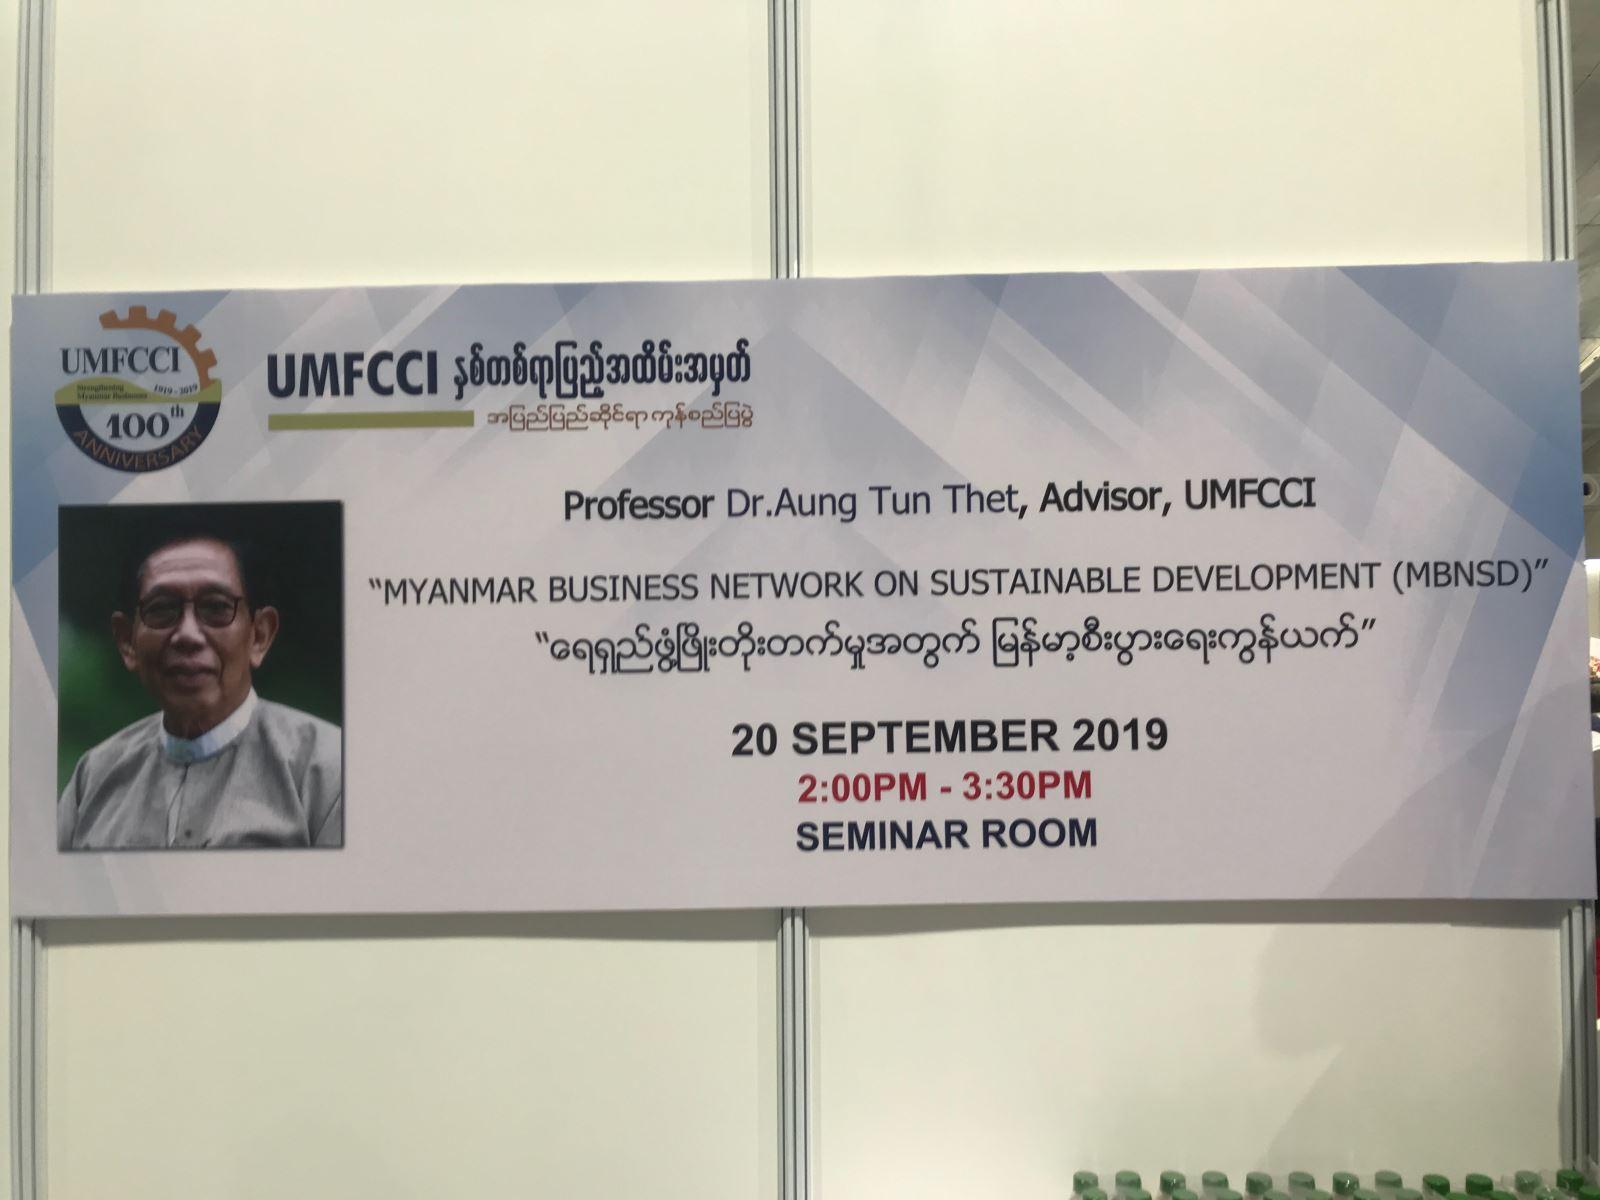 2019.09.22拜會此次大會第二場演講嘉賓UMFCCI顧問Dr. Aung Tun Thet